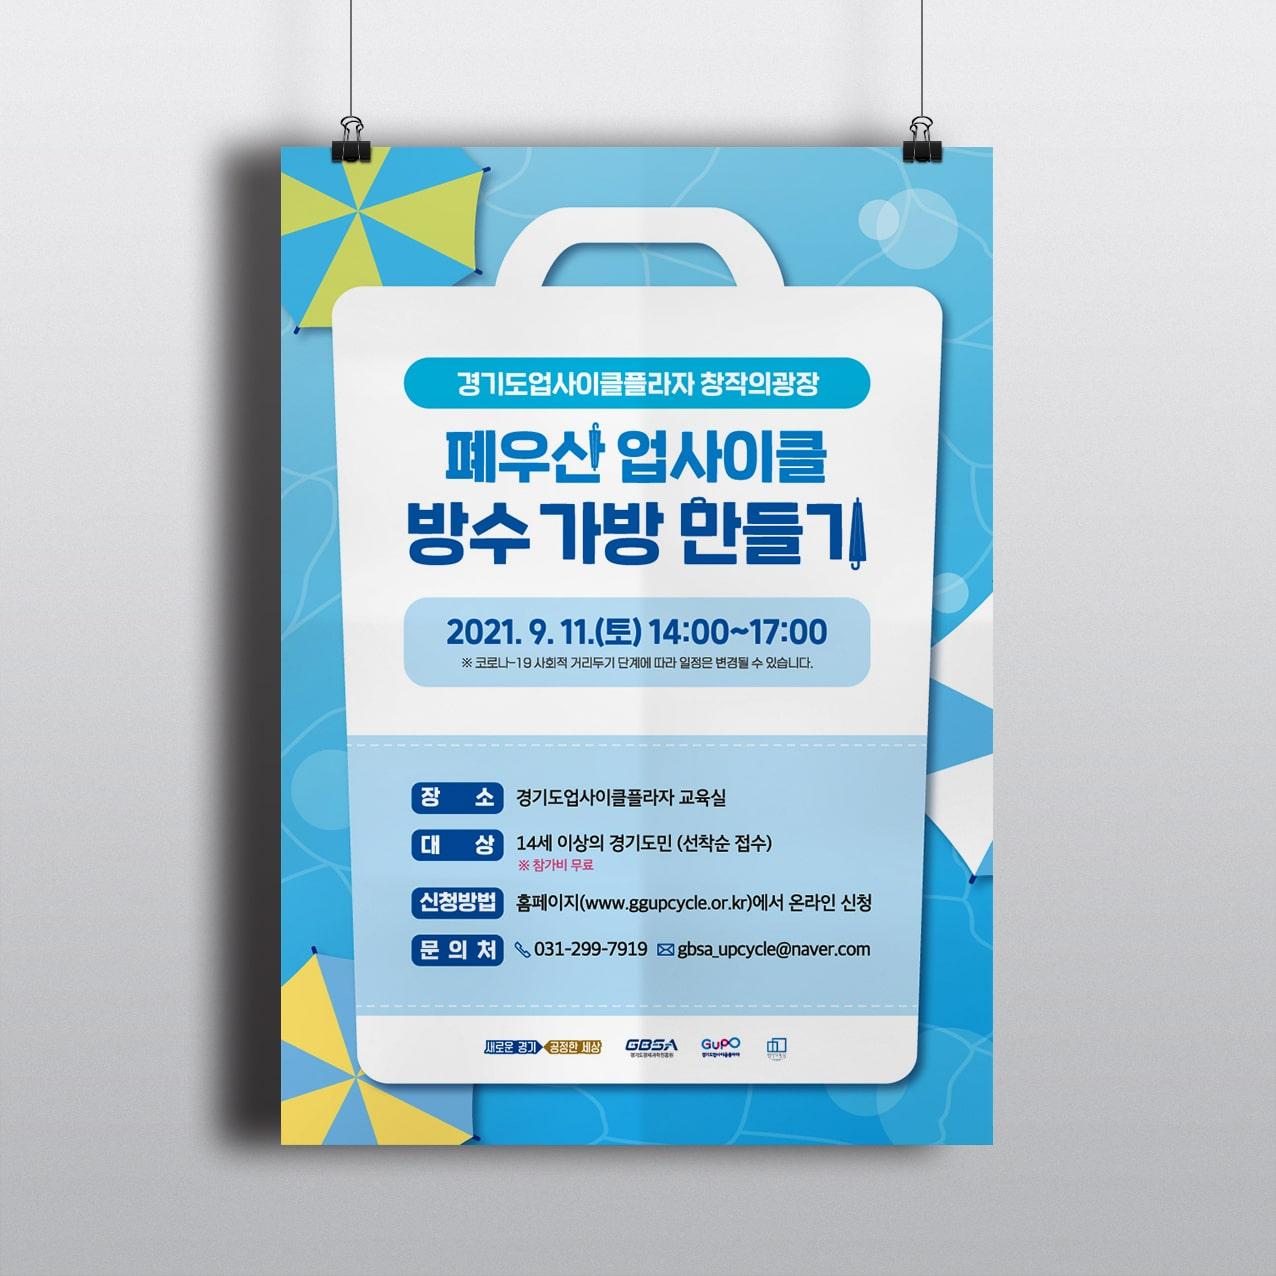 꿈꾸는 개발자 데뷔 코스 싹, 교육과정 수요조사 - 서울산업진흥원